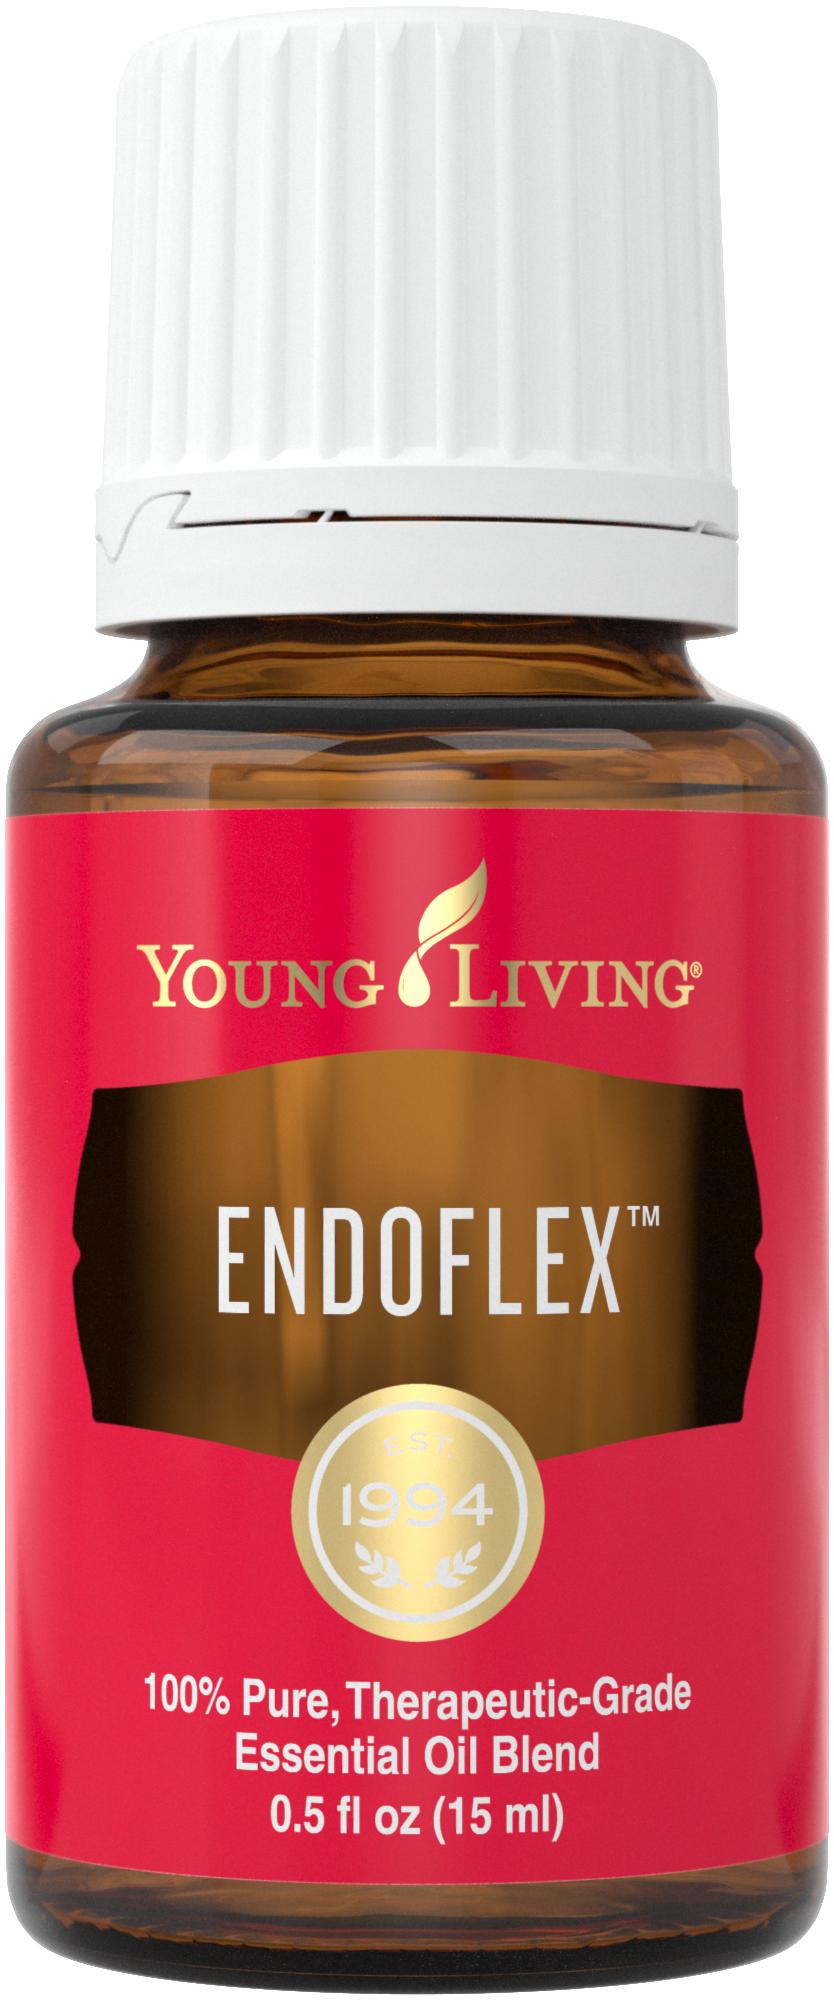 EndoFlex.png